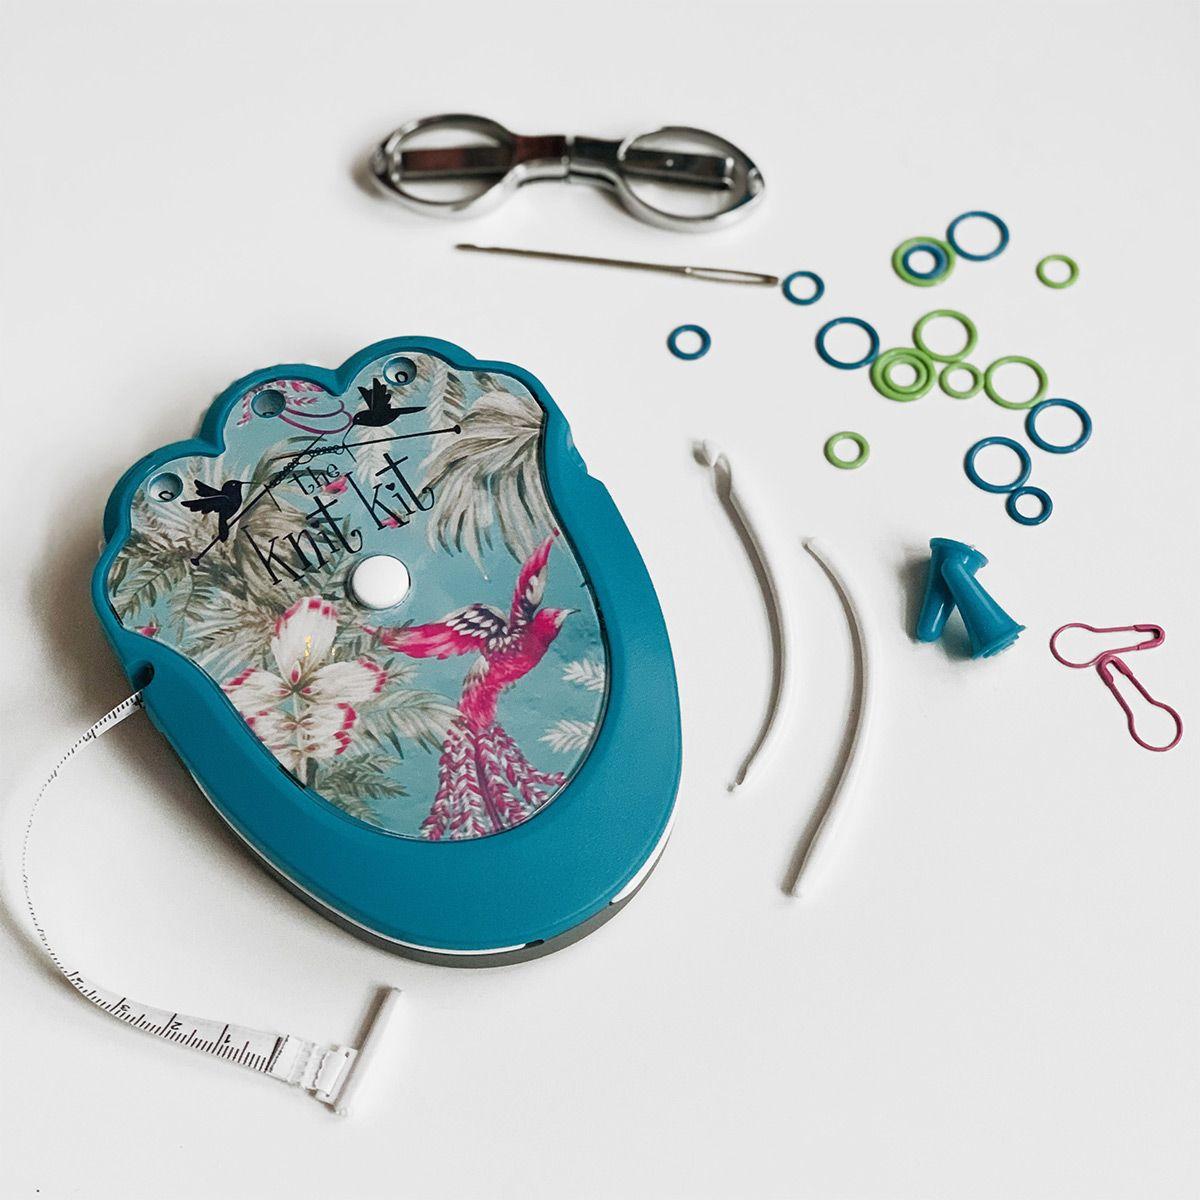 The Knit Kit 2.0